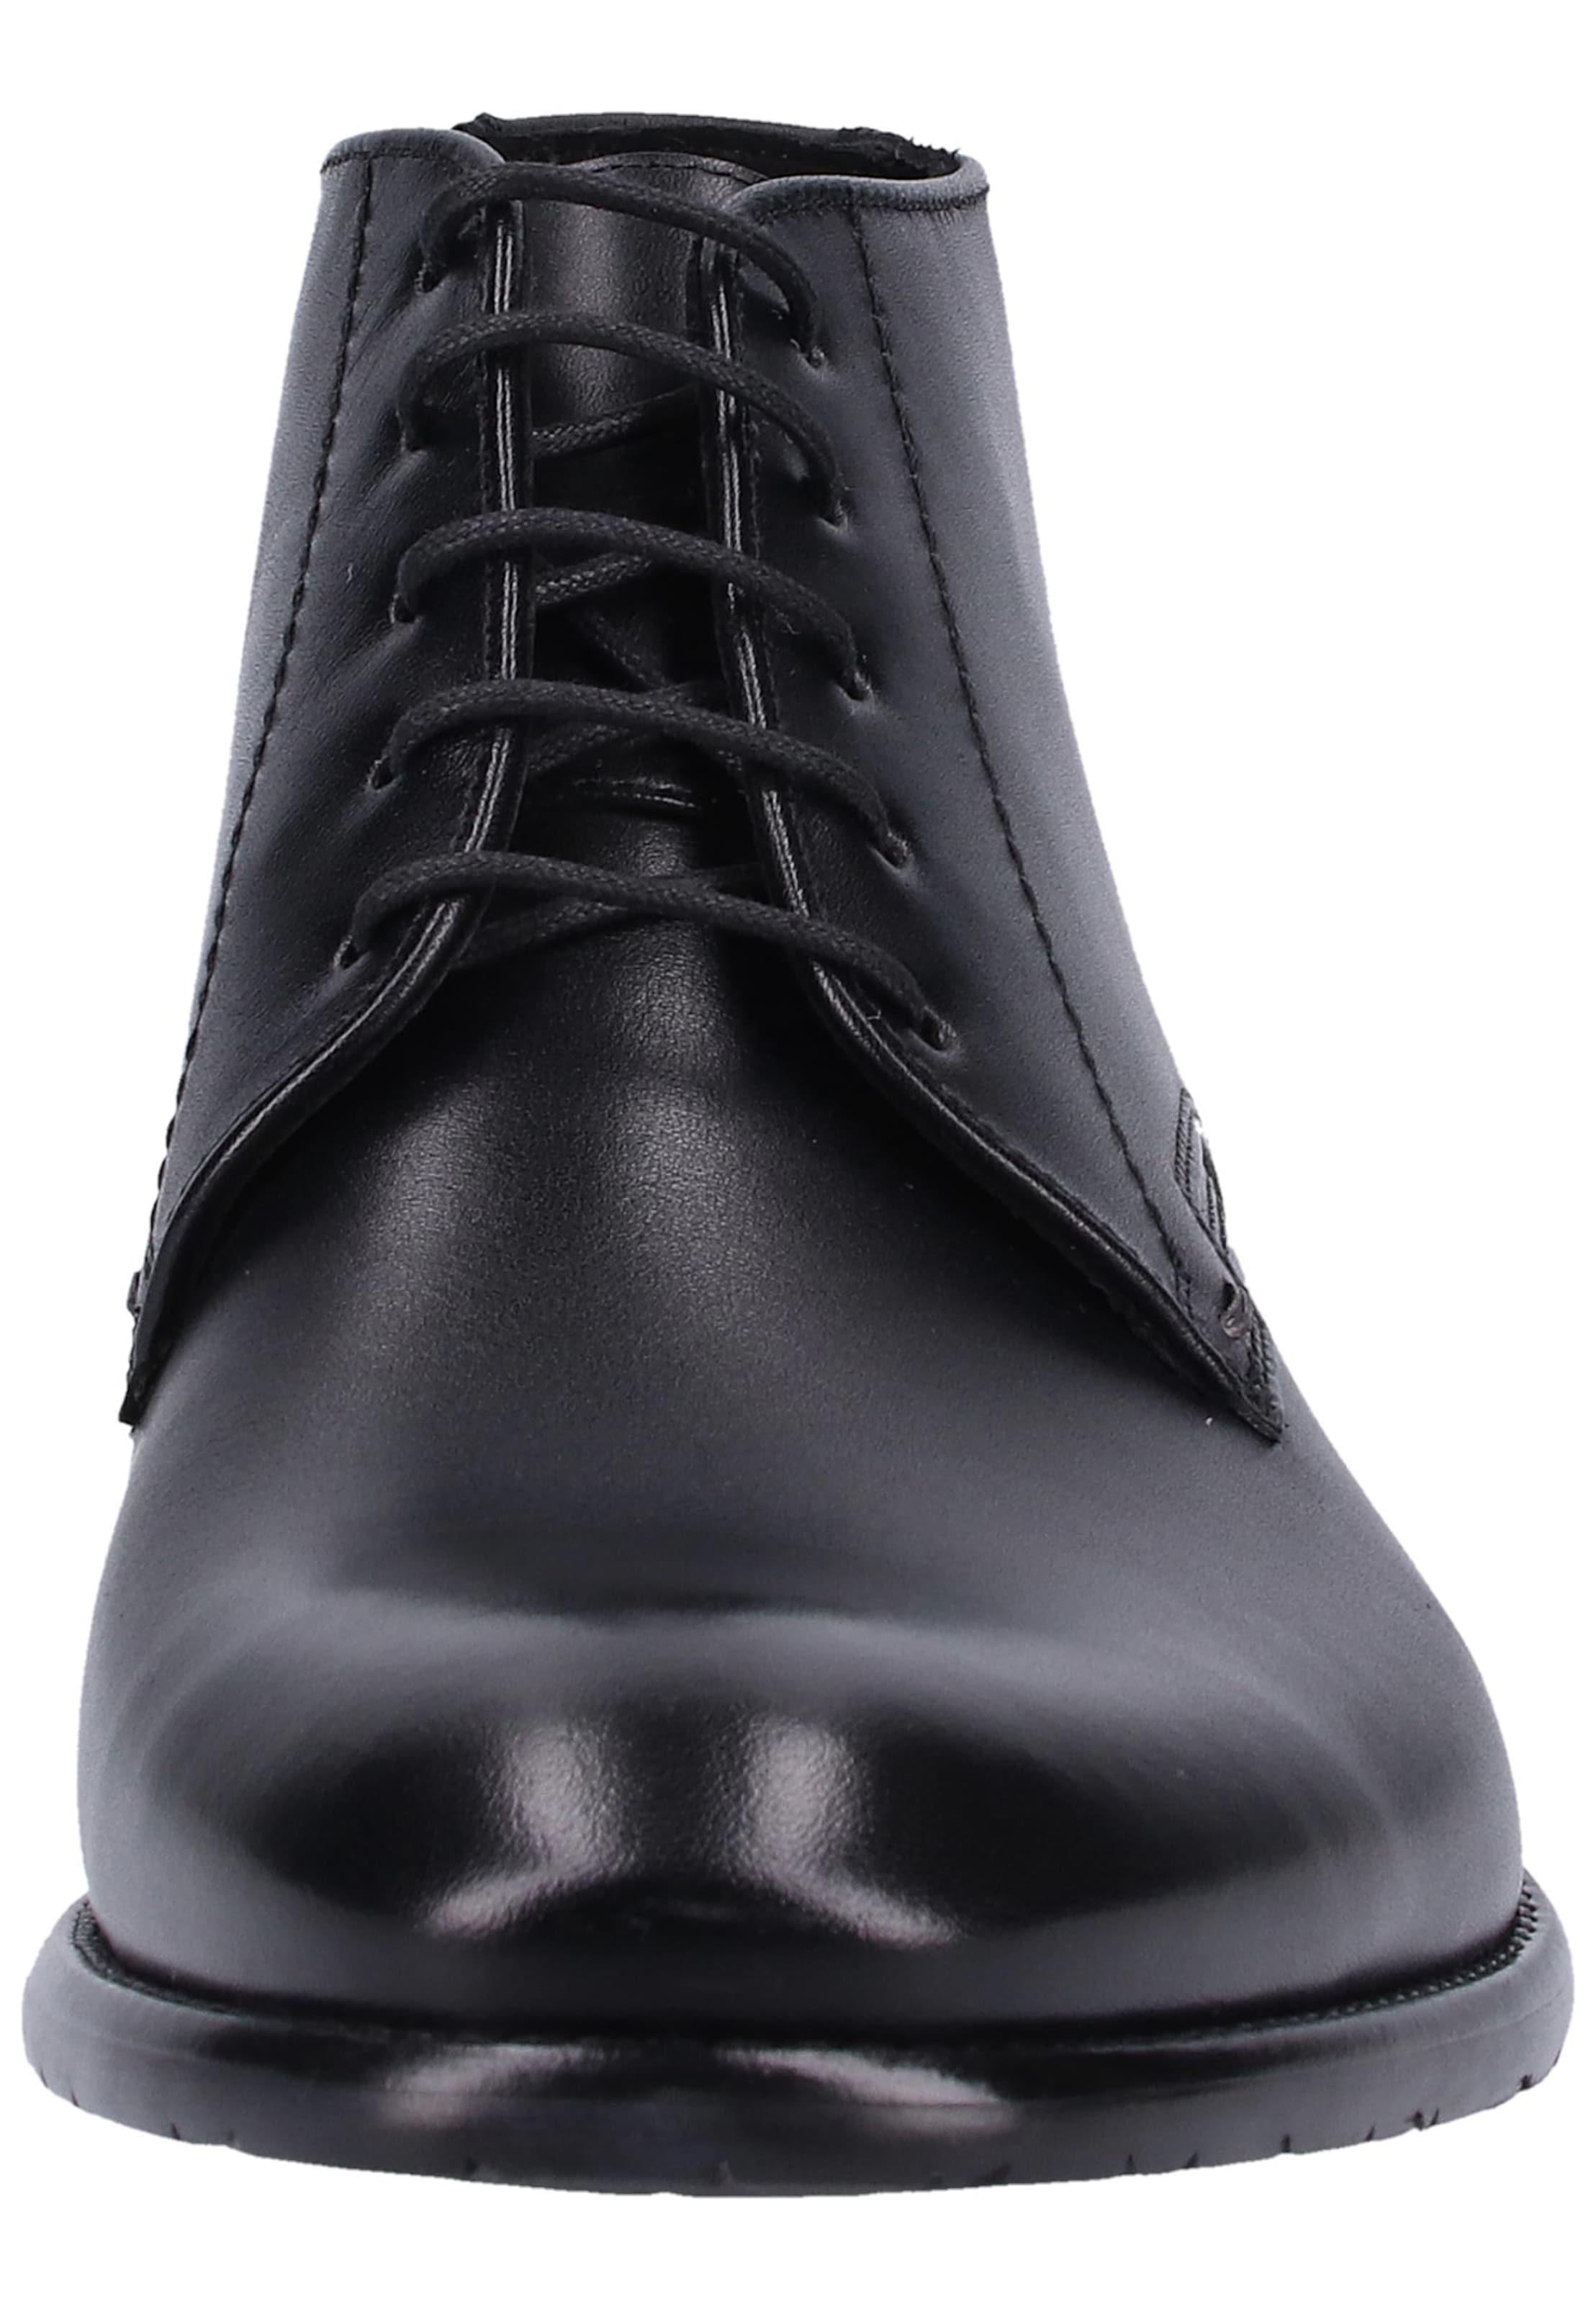 Noir En À Lloyd Lacets Chaussure DH9IbW2EYe